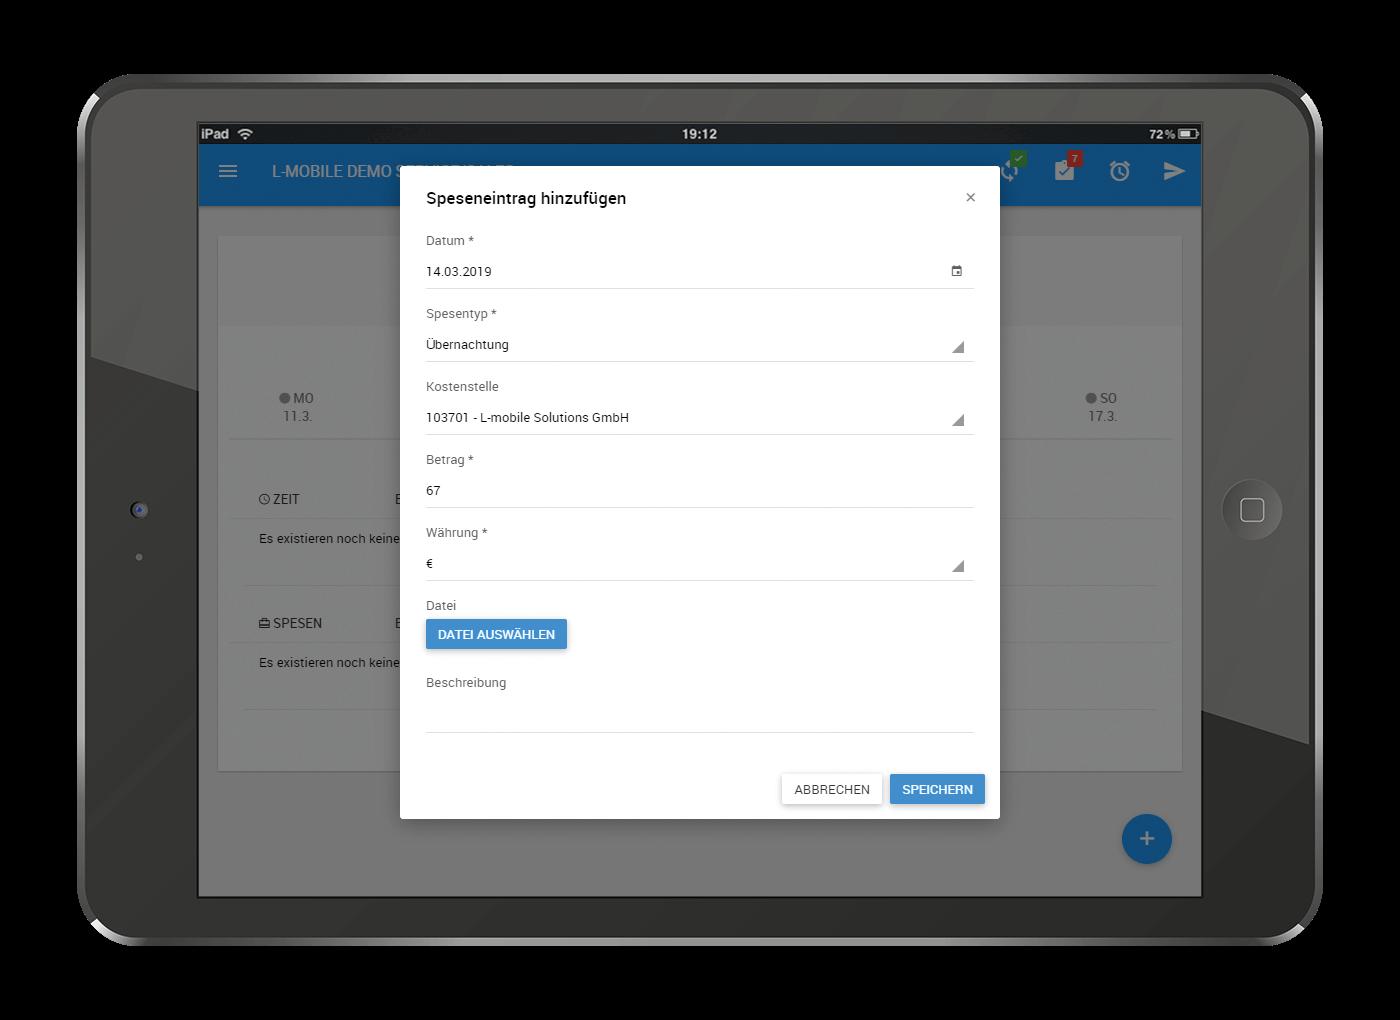 L-mobile Mobiler Vertrieb Funktionen Spesen- und Reisekostenabrechnung Spesen- und Reisekostenabrechnung einfach gemacht